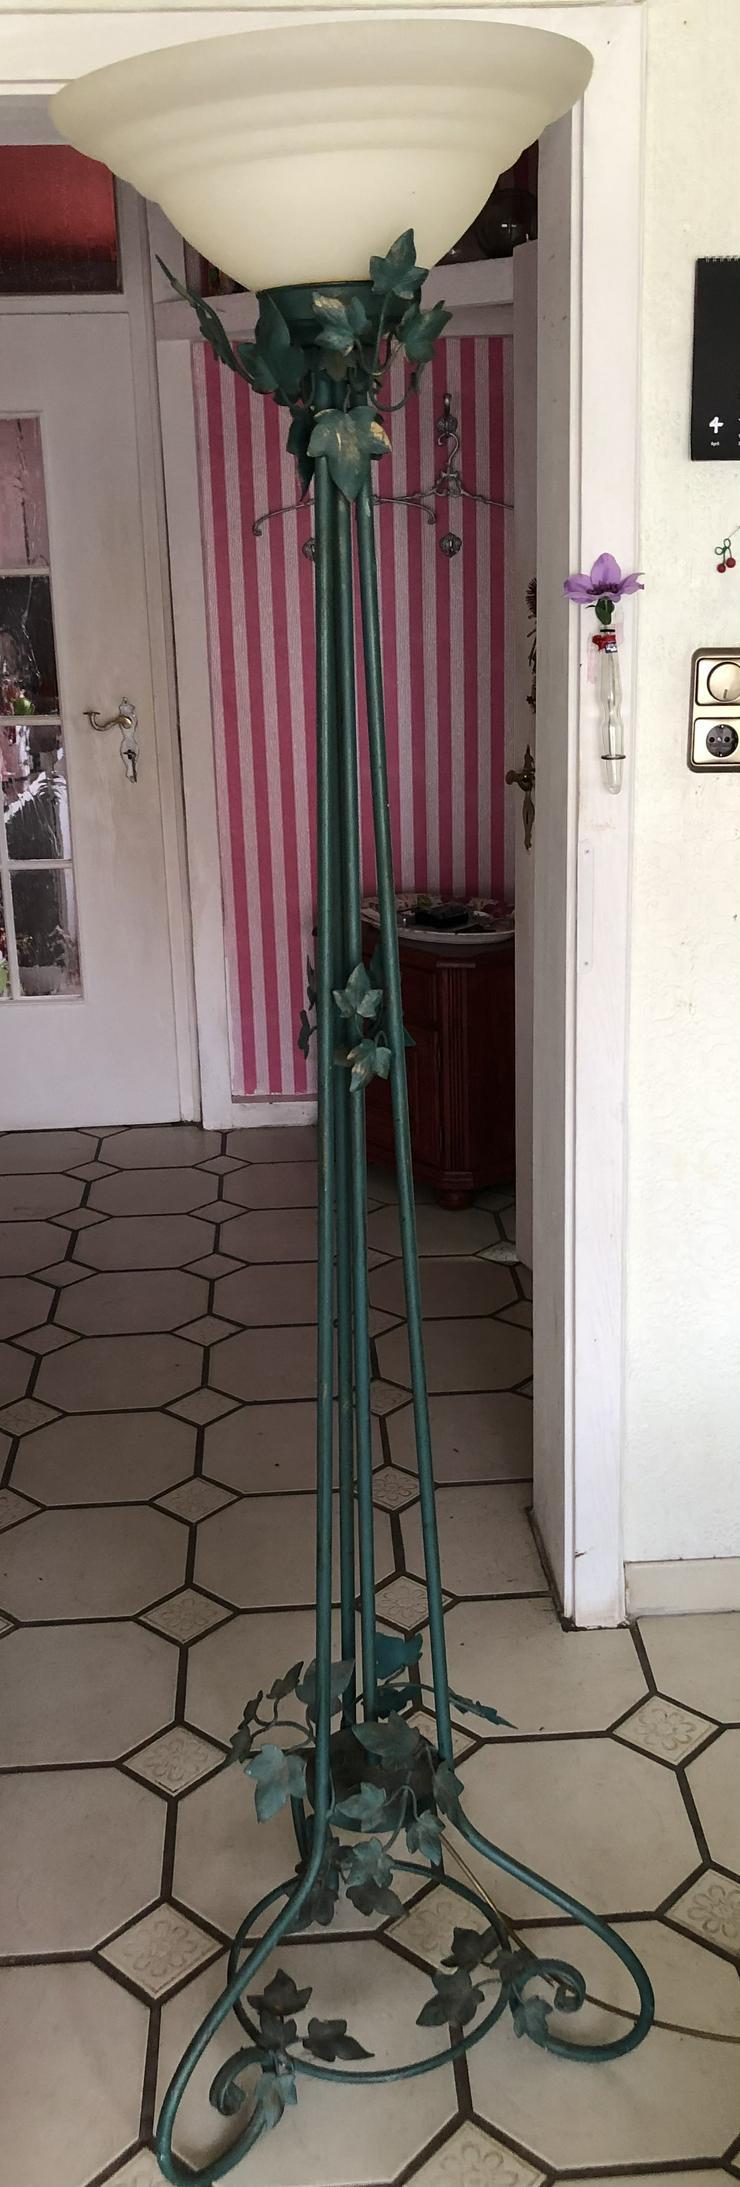 Vintage Dtehlampe mit floralem Design